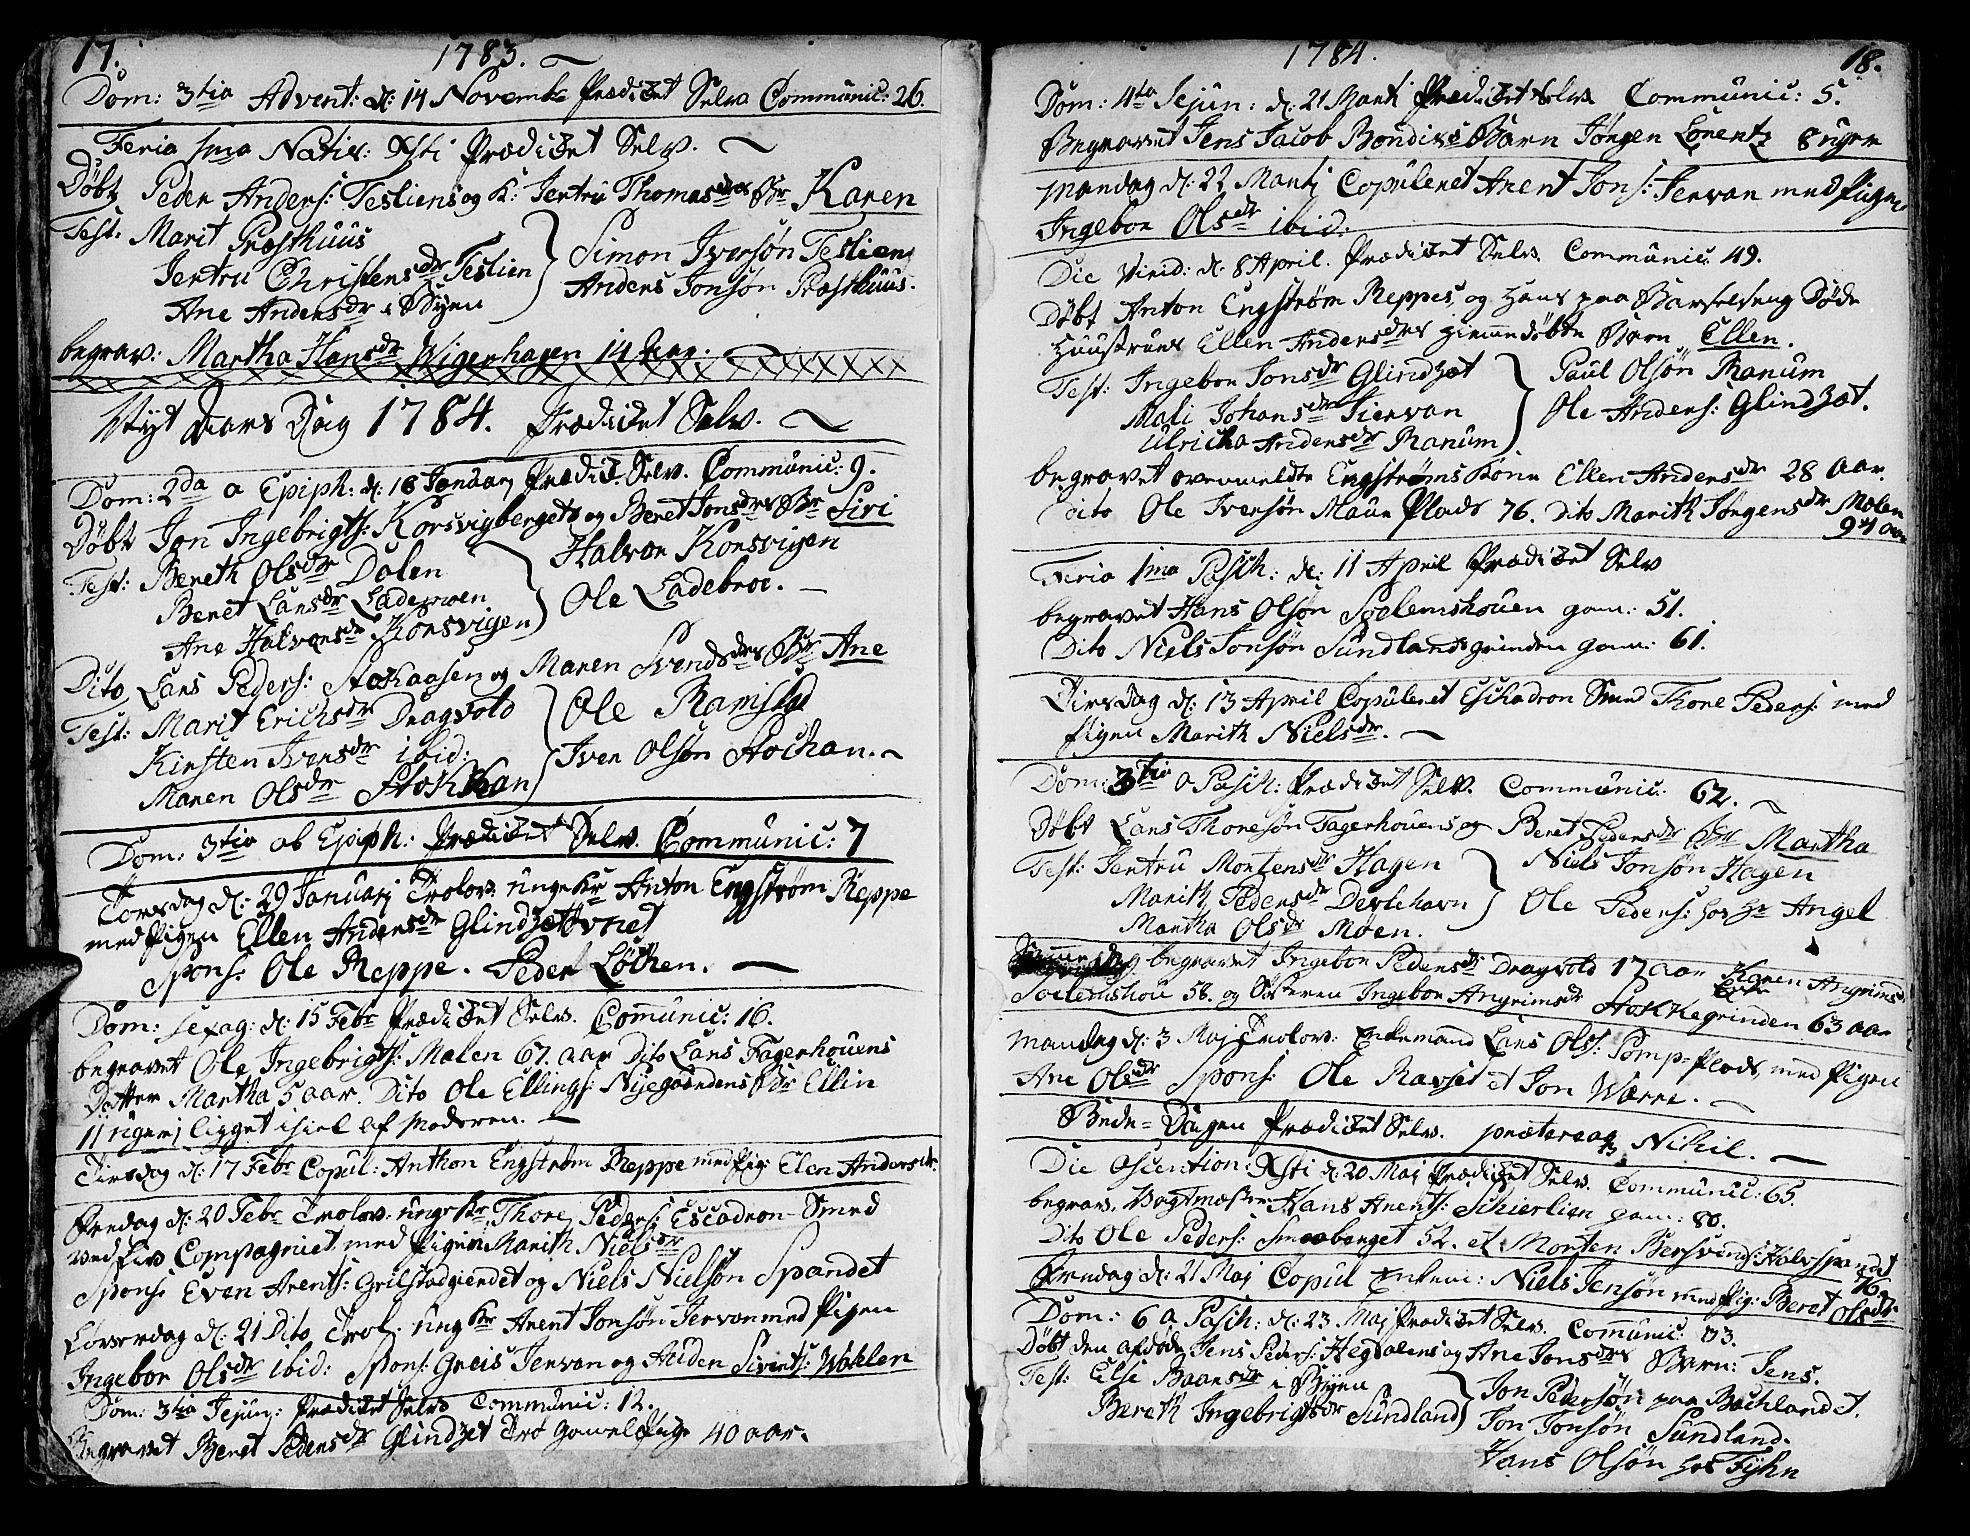 SAT, Ministerialprotokoller, klokkerbøker og fødselsregistre - Sør-Trøndelag, 606/L0280: Ministerialbok nr. 606A02 /1, 1781-1817, s. 17-18